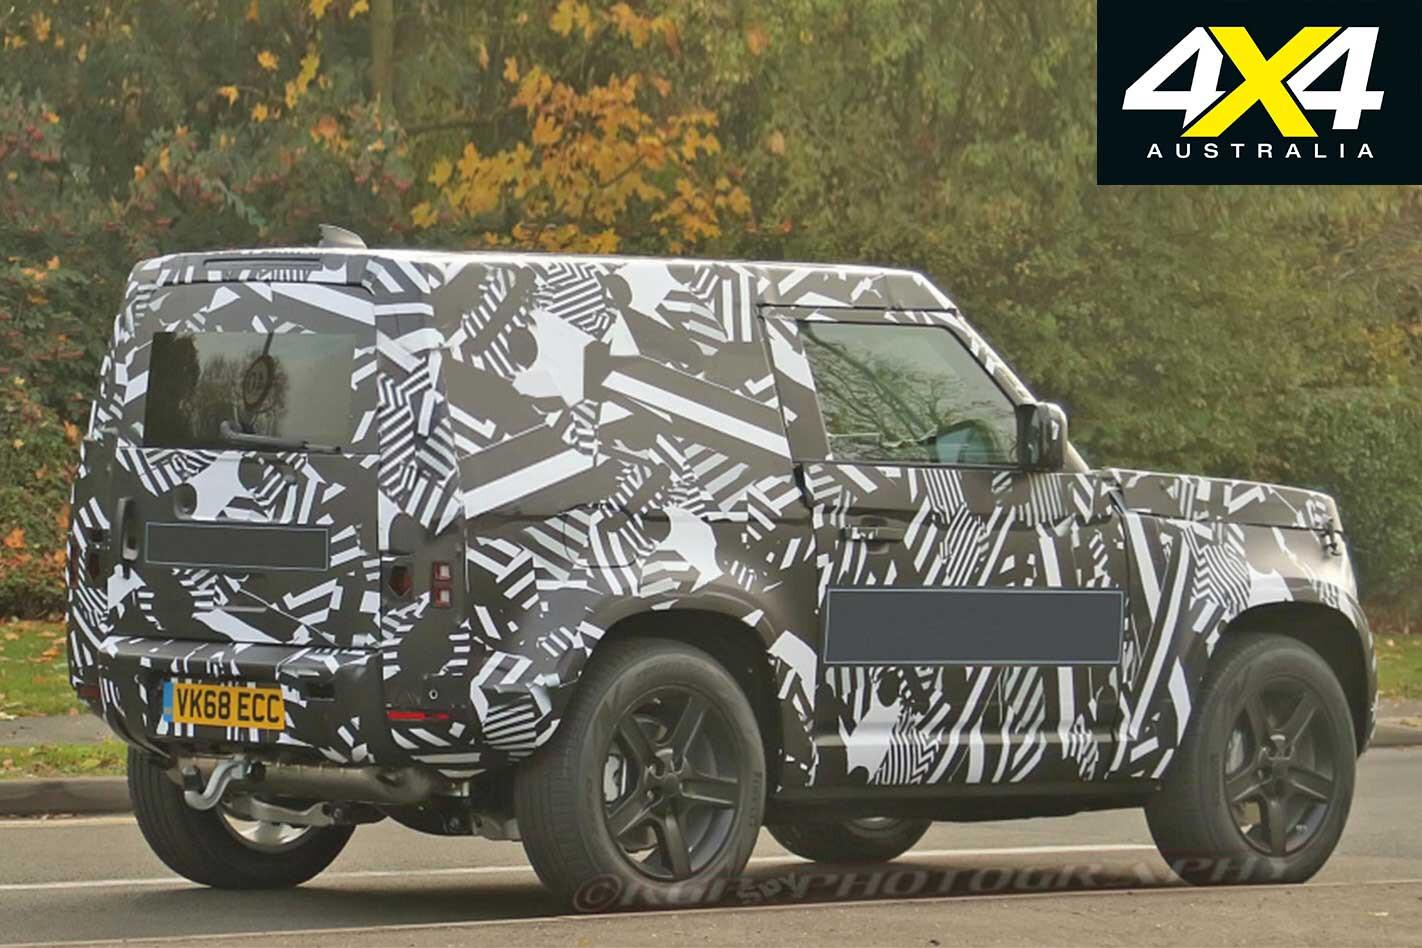 2020 Land Rover Defender SWB Spy Shots Rear Jpg